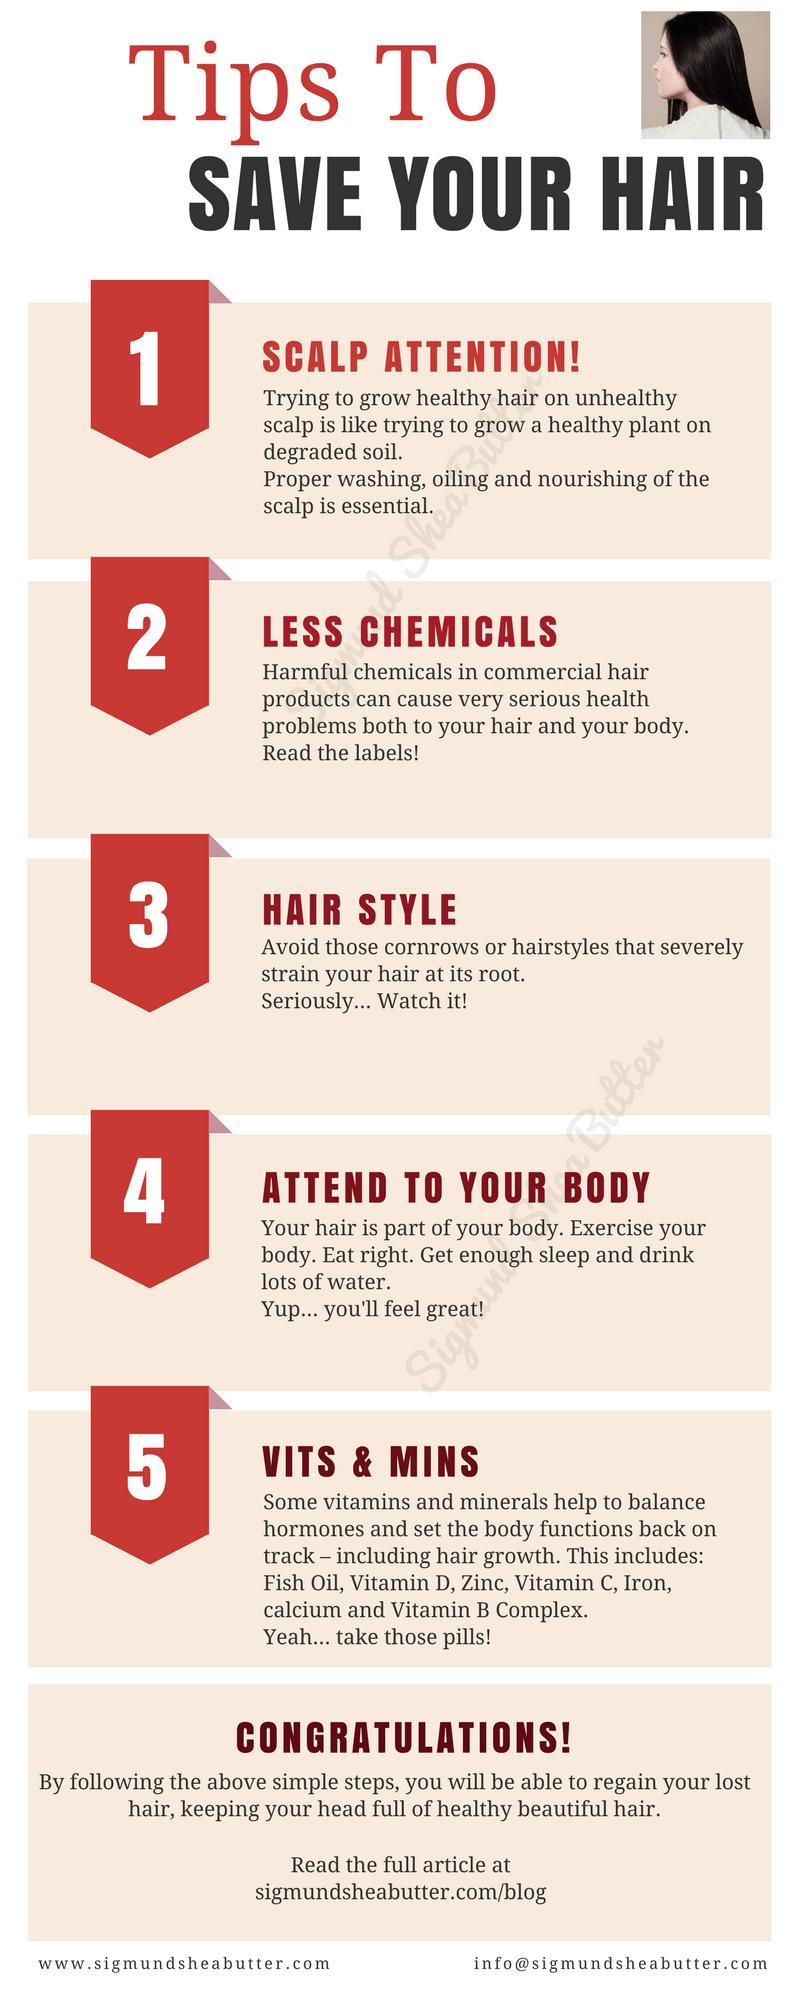 Hair Loss - No more